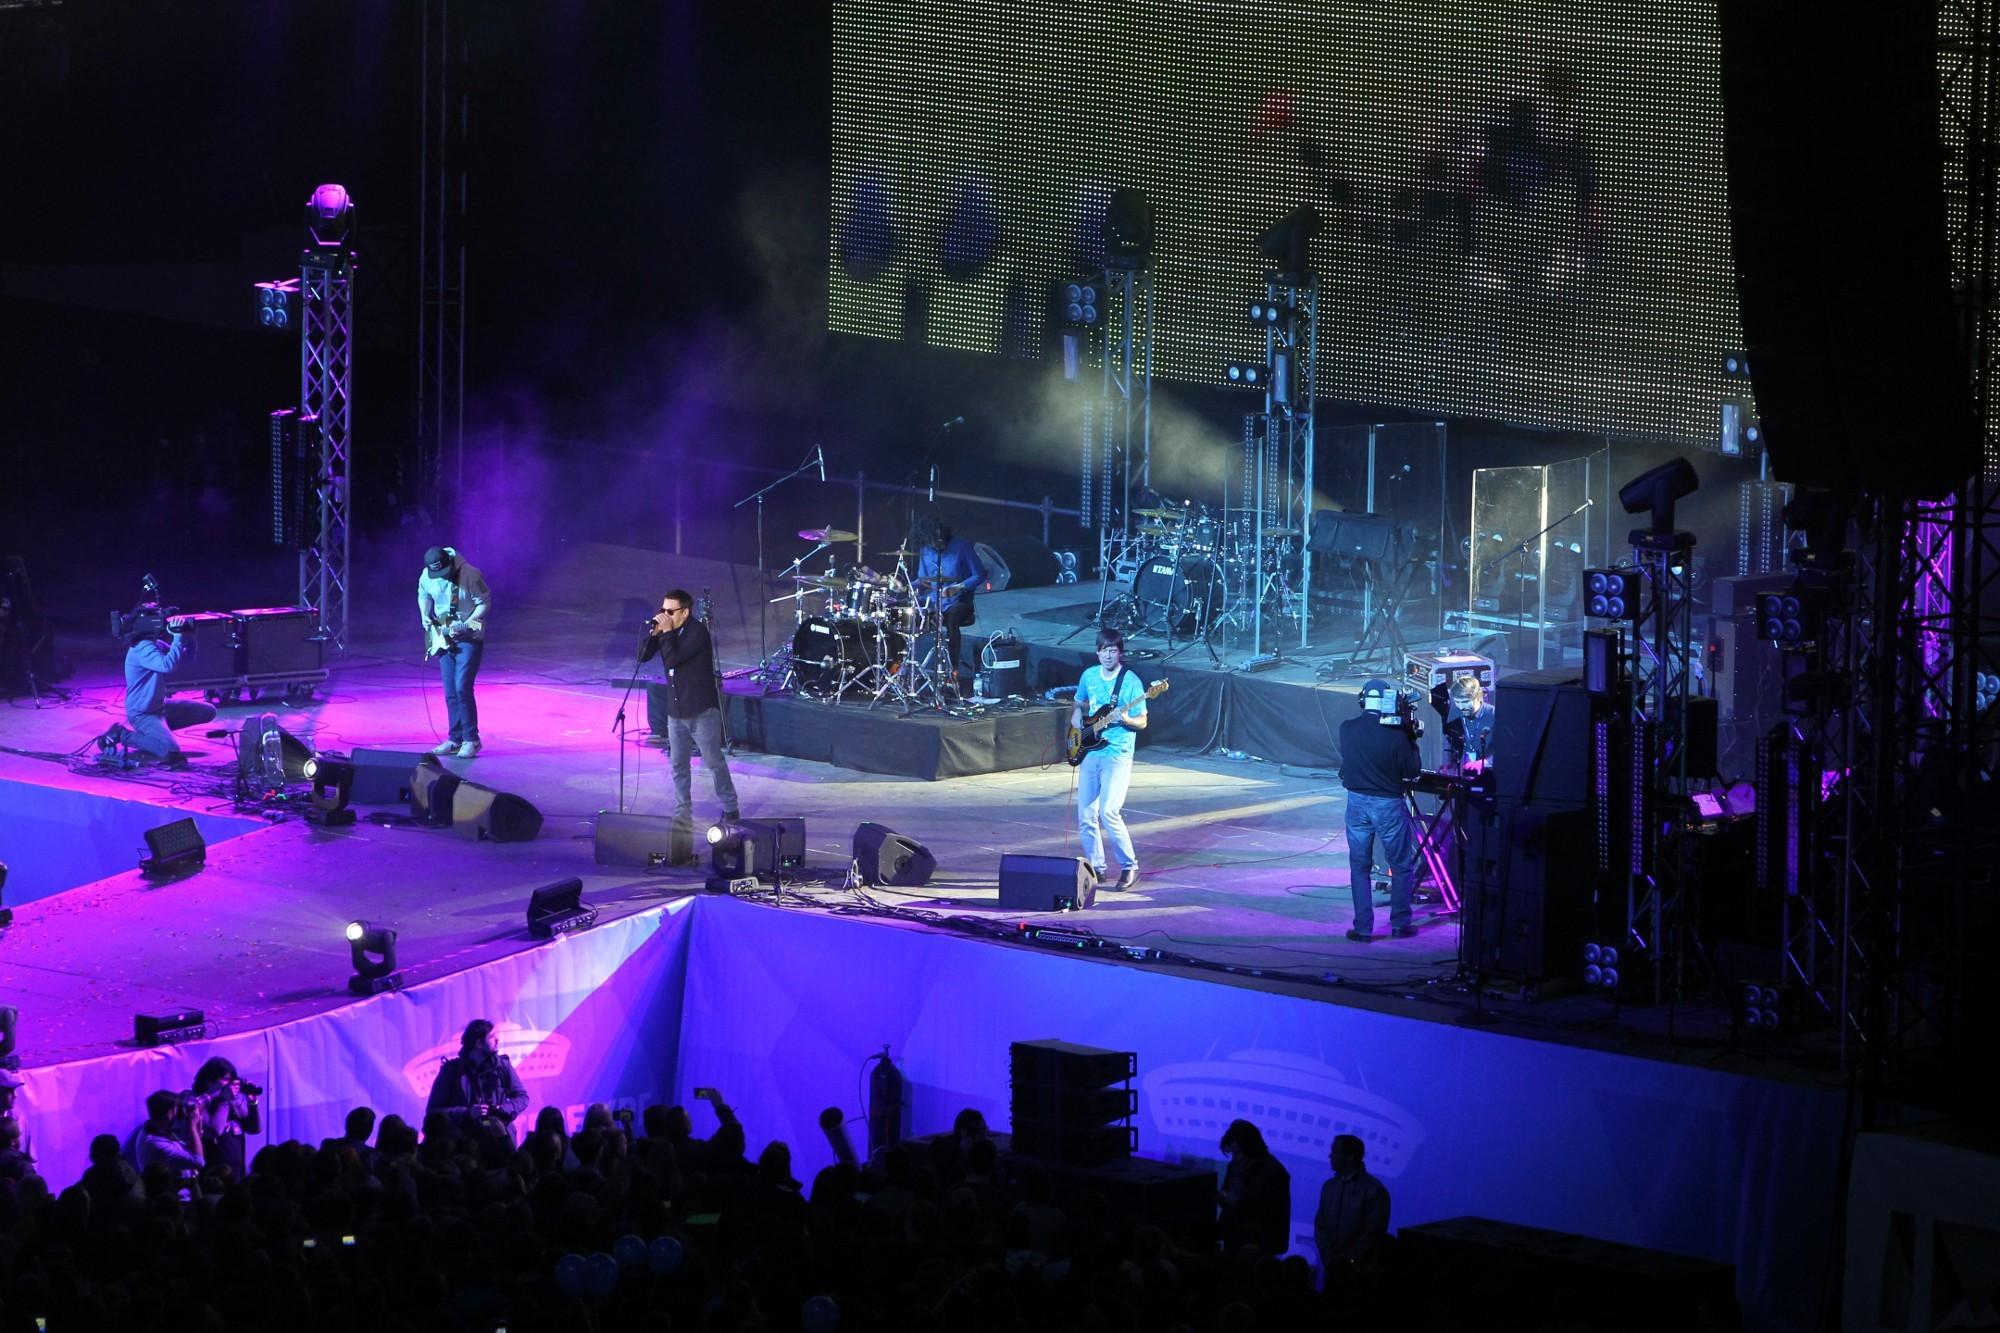 стадион на крестовском зенит-арена концерт фестиваль радио зенит группа танцы минус